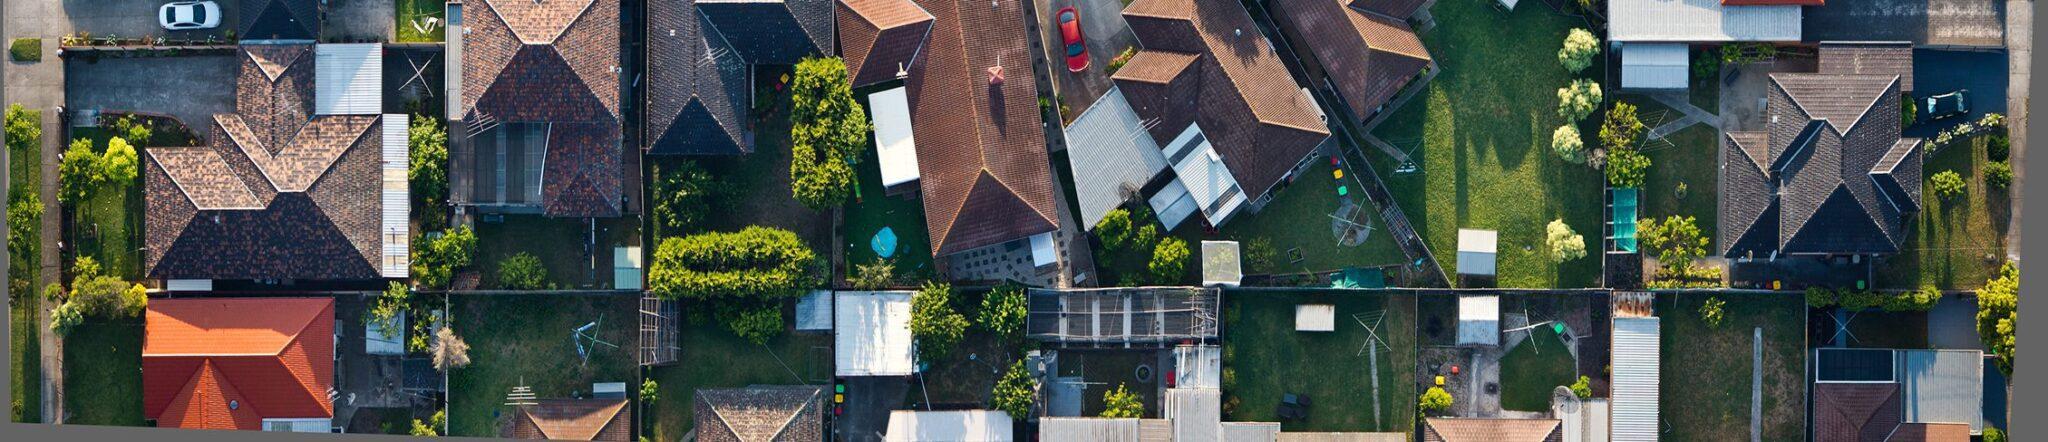 housingtruths 1